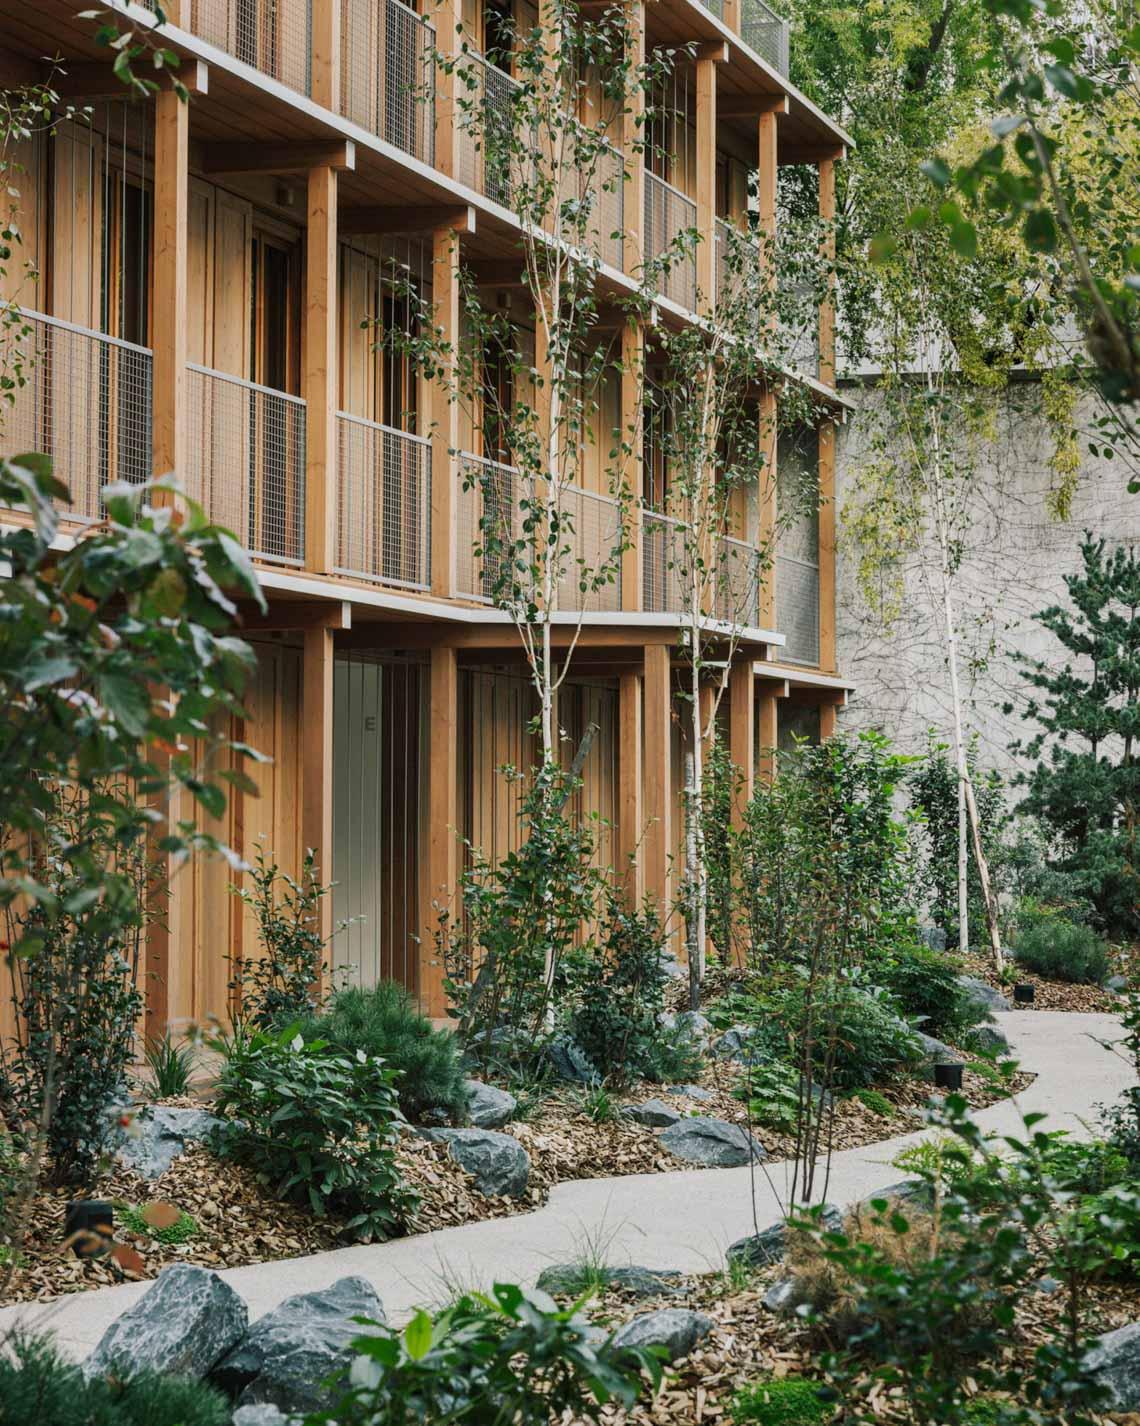 Tòa nhà căn hộ bằng gỗ với thiết kế mang phong cách Nhật Bản - 3